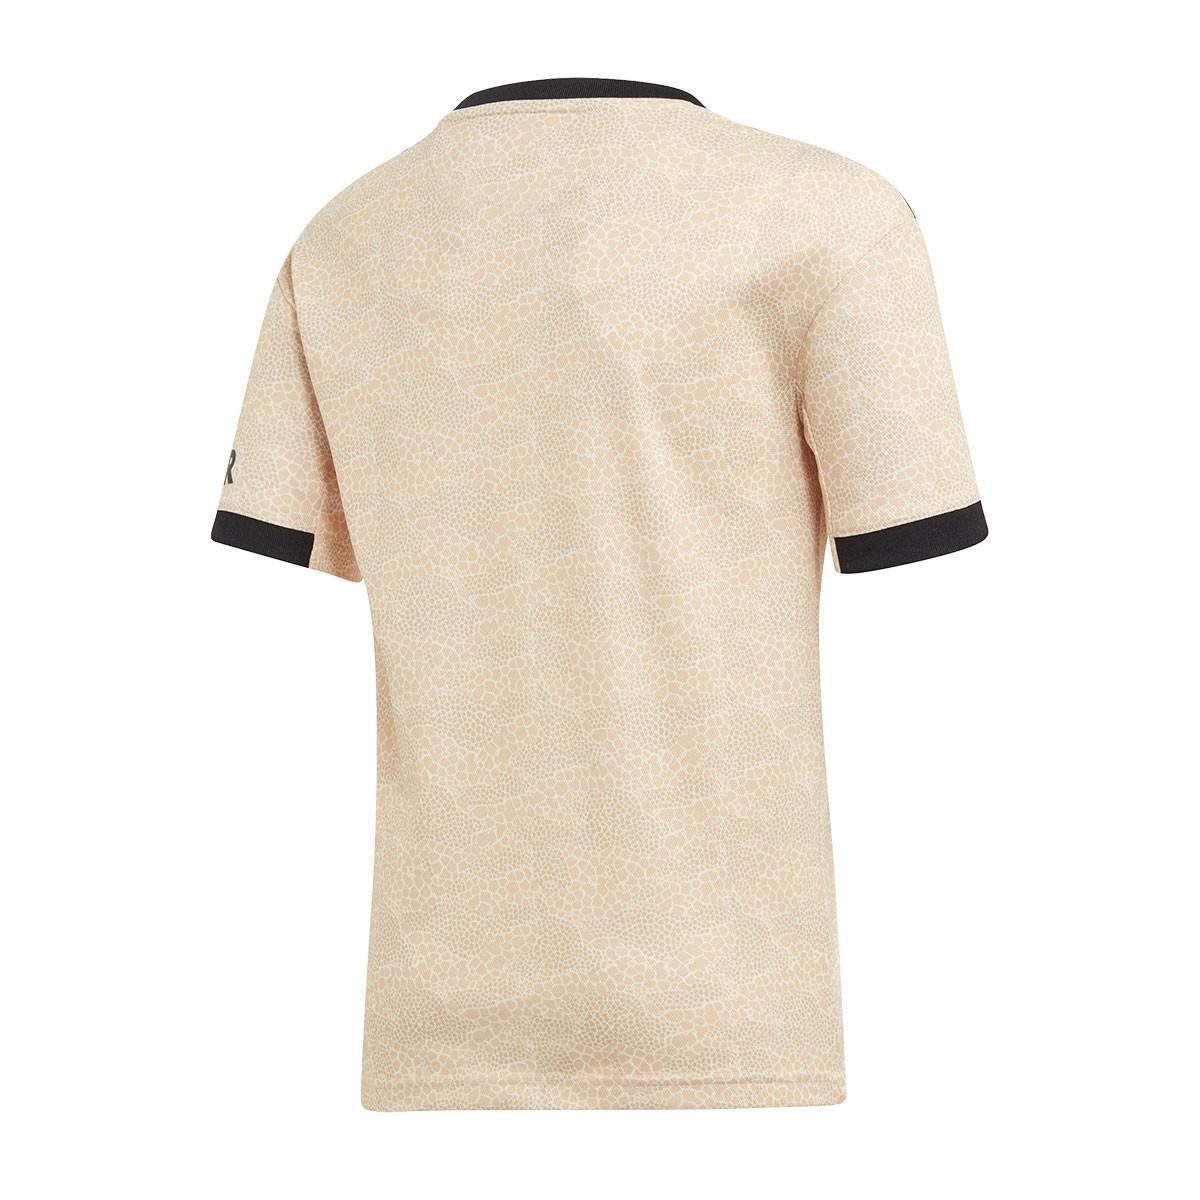 79ead3b0f6 Camiseta Manchester United Segunda Equipación 2019-2020 Niño Linen